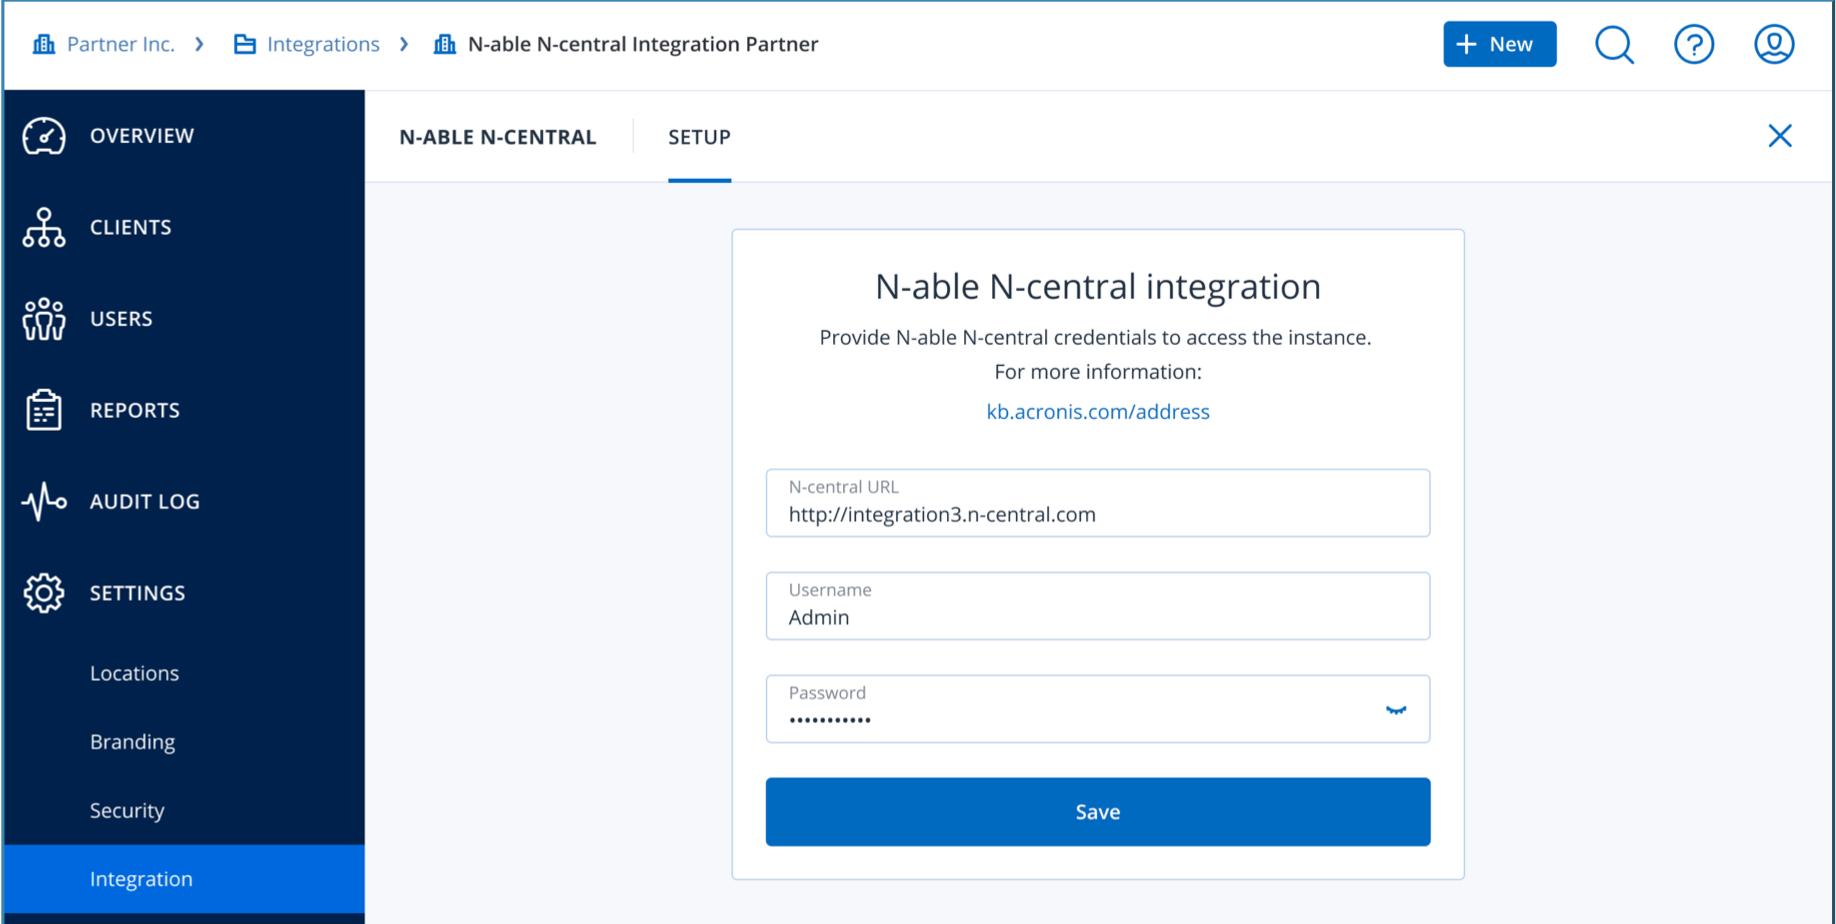 N-central integration